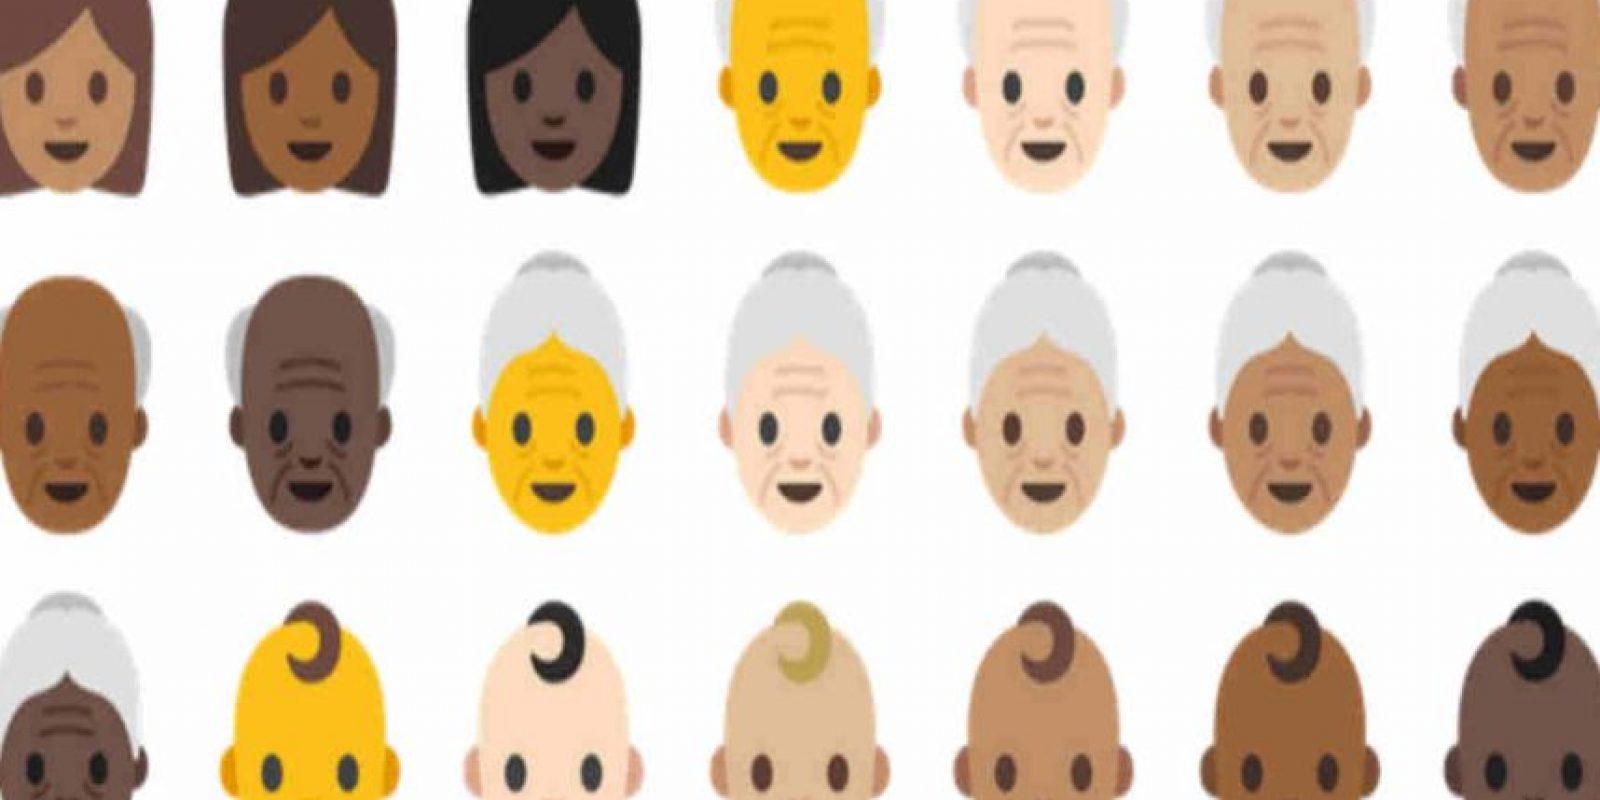 Los emoticones están ahí cuando las palabras fallan. Foto:Emojipedia